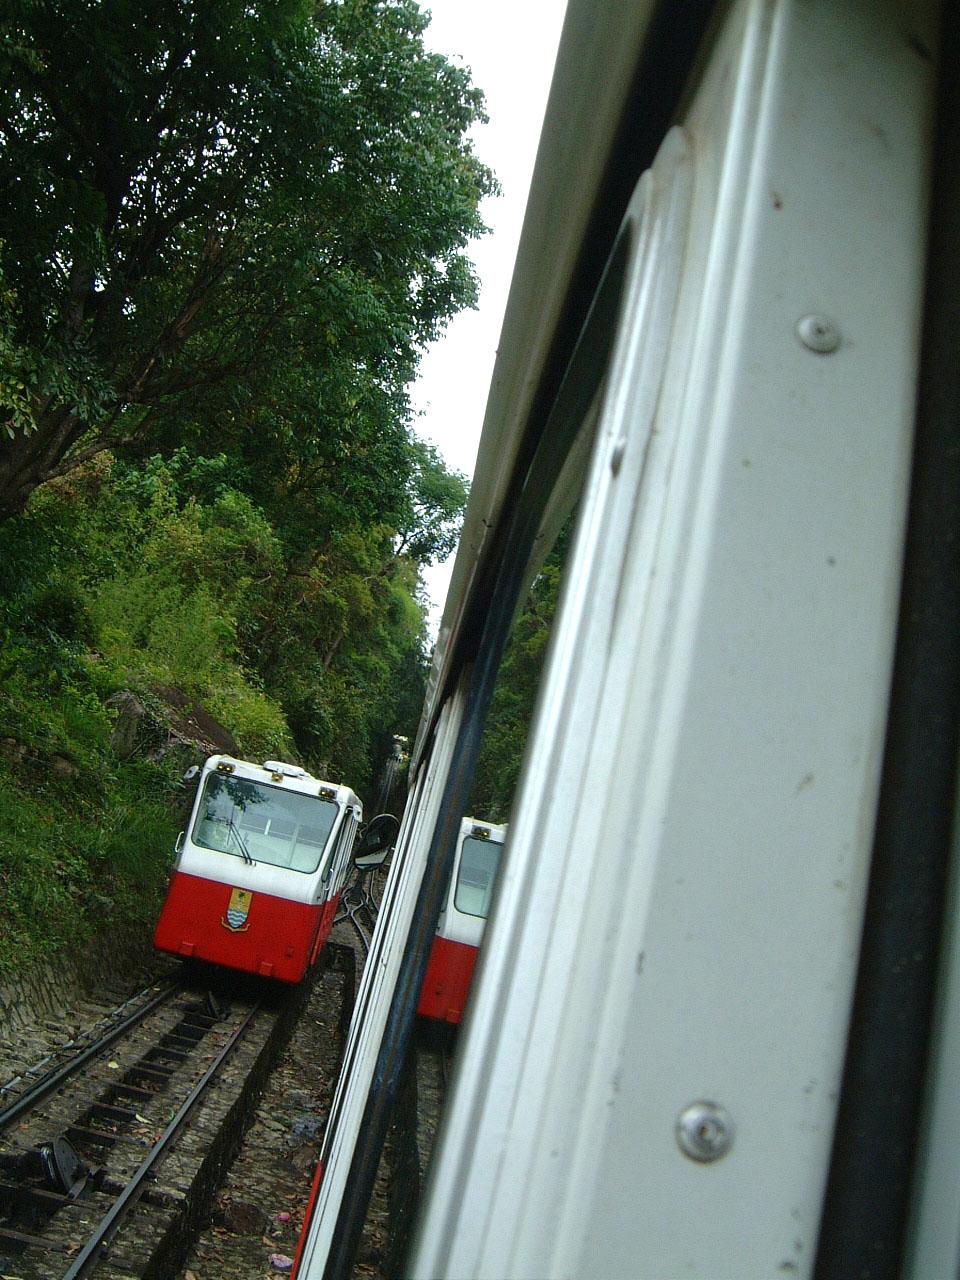 Penang Hill Bukit Bendera Railway Mar 2001 14